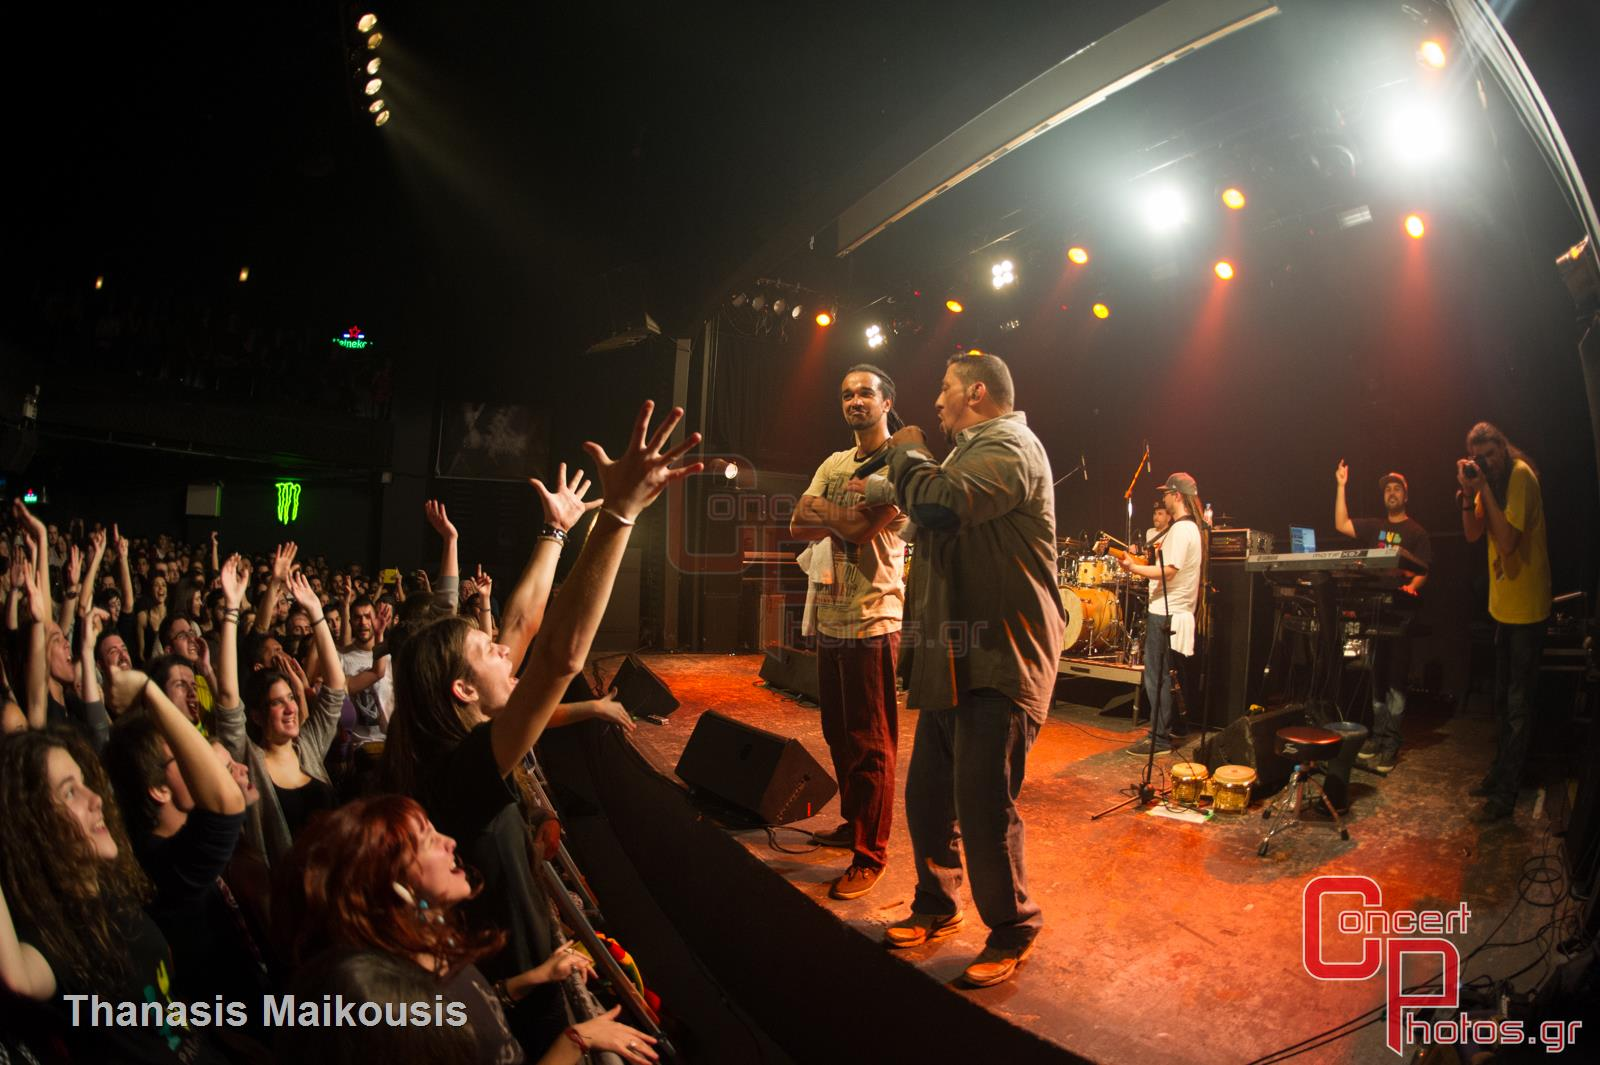 Dub Inc-Dub Inc photographer: Thanasis Maikousis - concertphotos_-5924